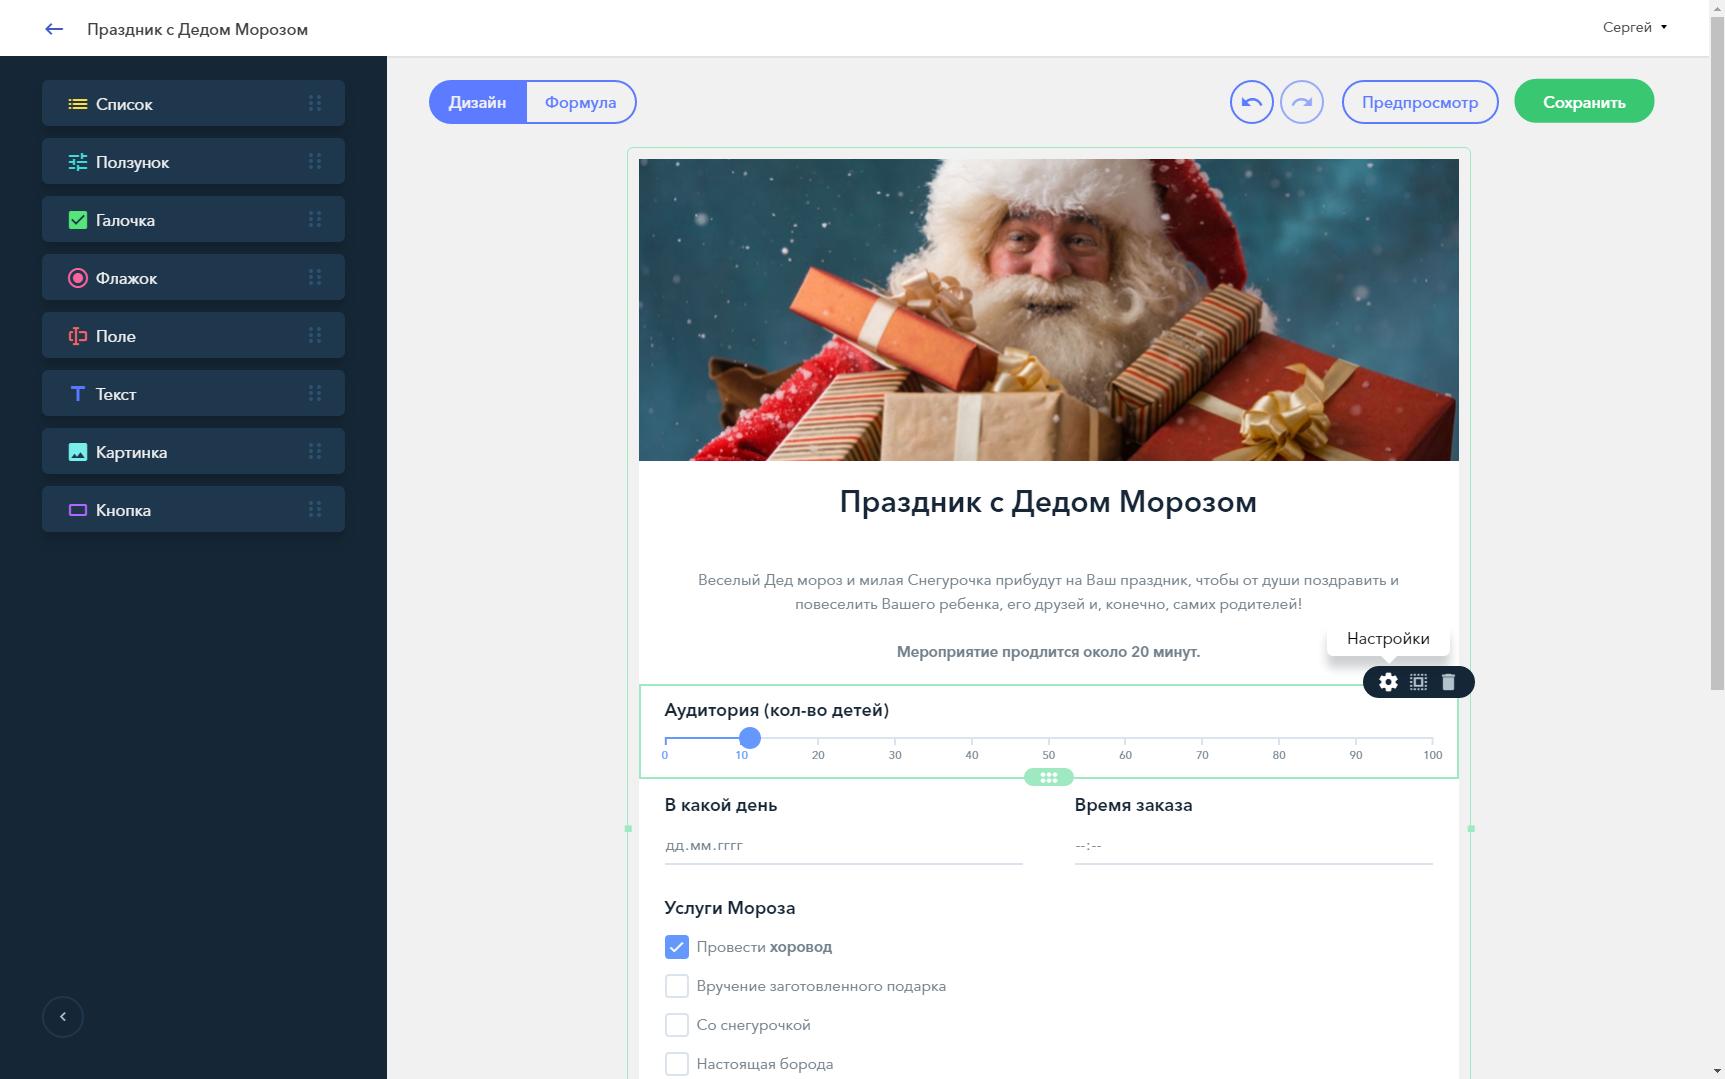 Как сделать калькулятор услуг для сайта топ украинских порносайтов